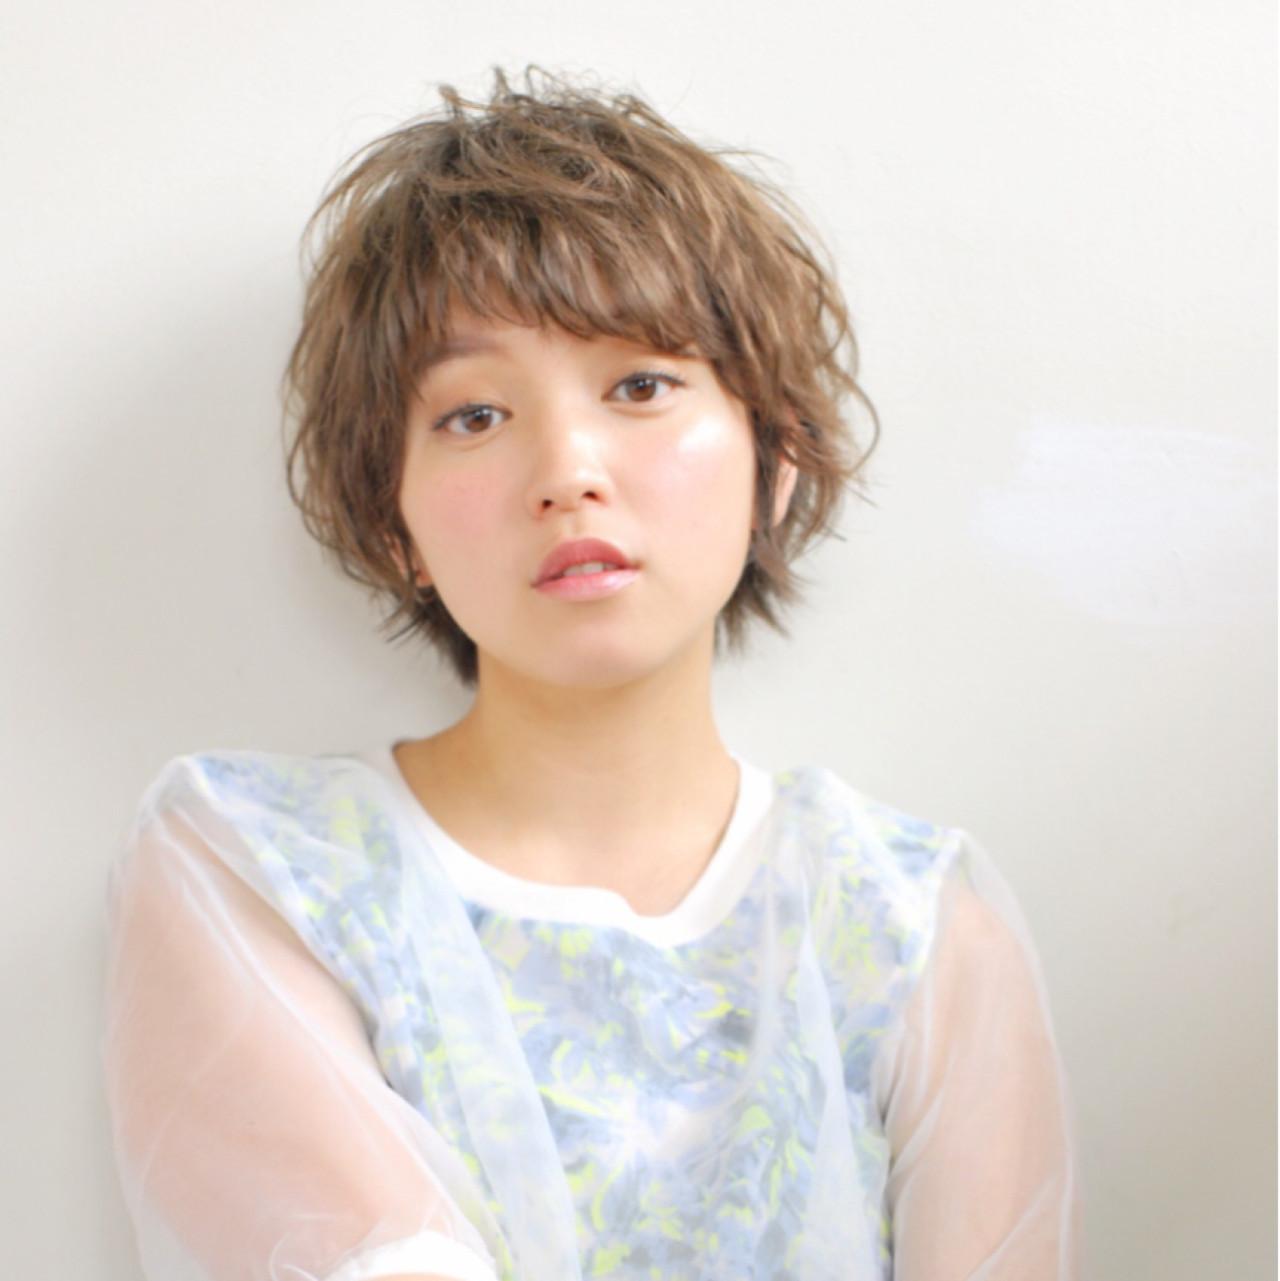 ワンランク上のショートへア♡パーマでおしゃれエッセンスをプラスしましょ! Takumasa Maejima | La familia